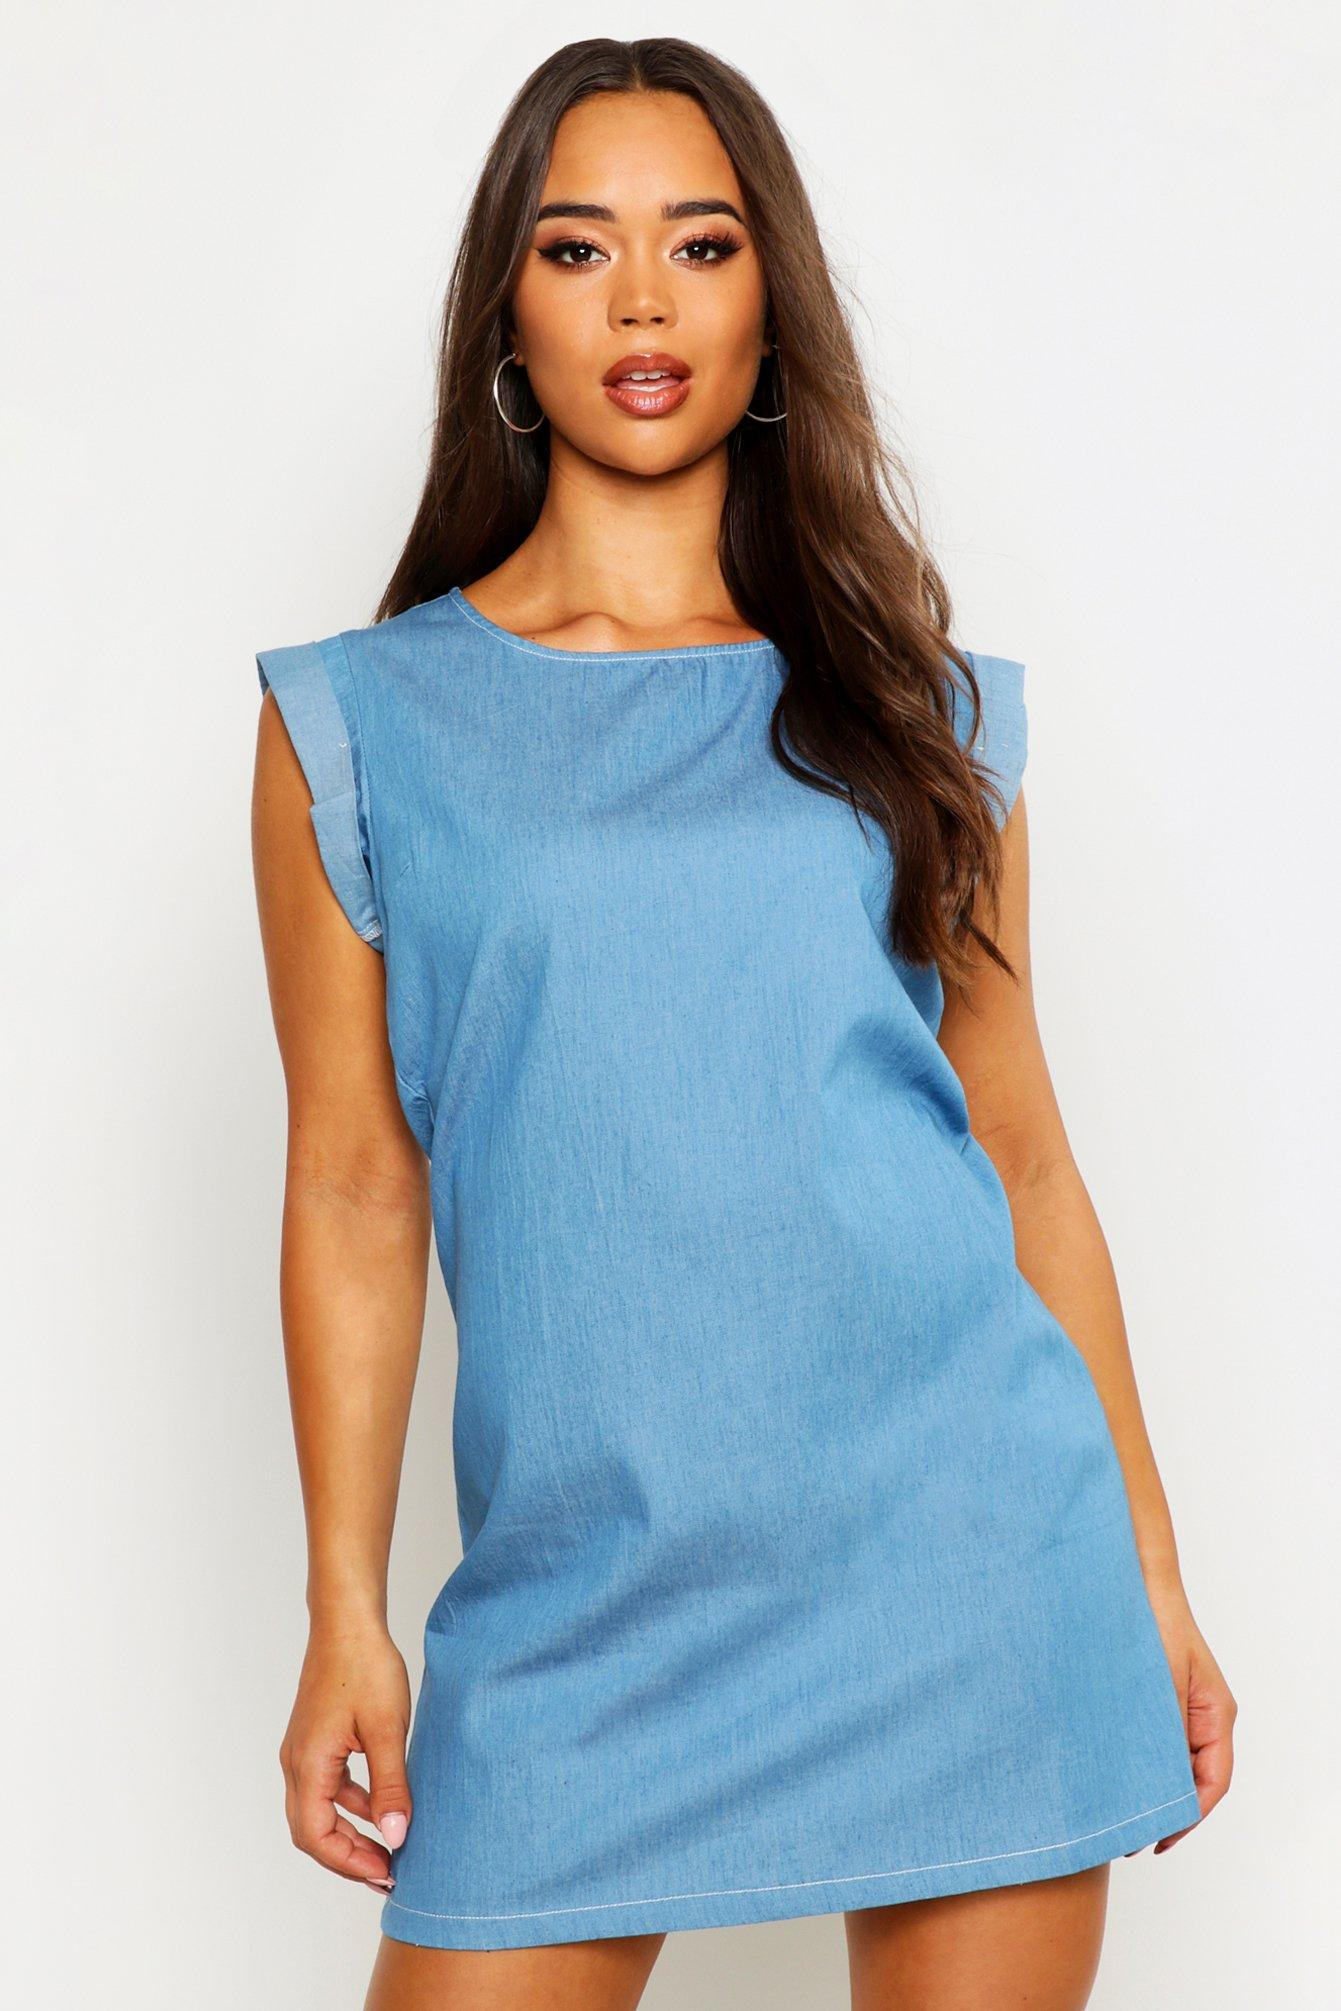 Womens Schlichtes Jeanskleid mit umgeschlagenem Ärmelsaum - Blau - 34, Blau - Boohoo.com